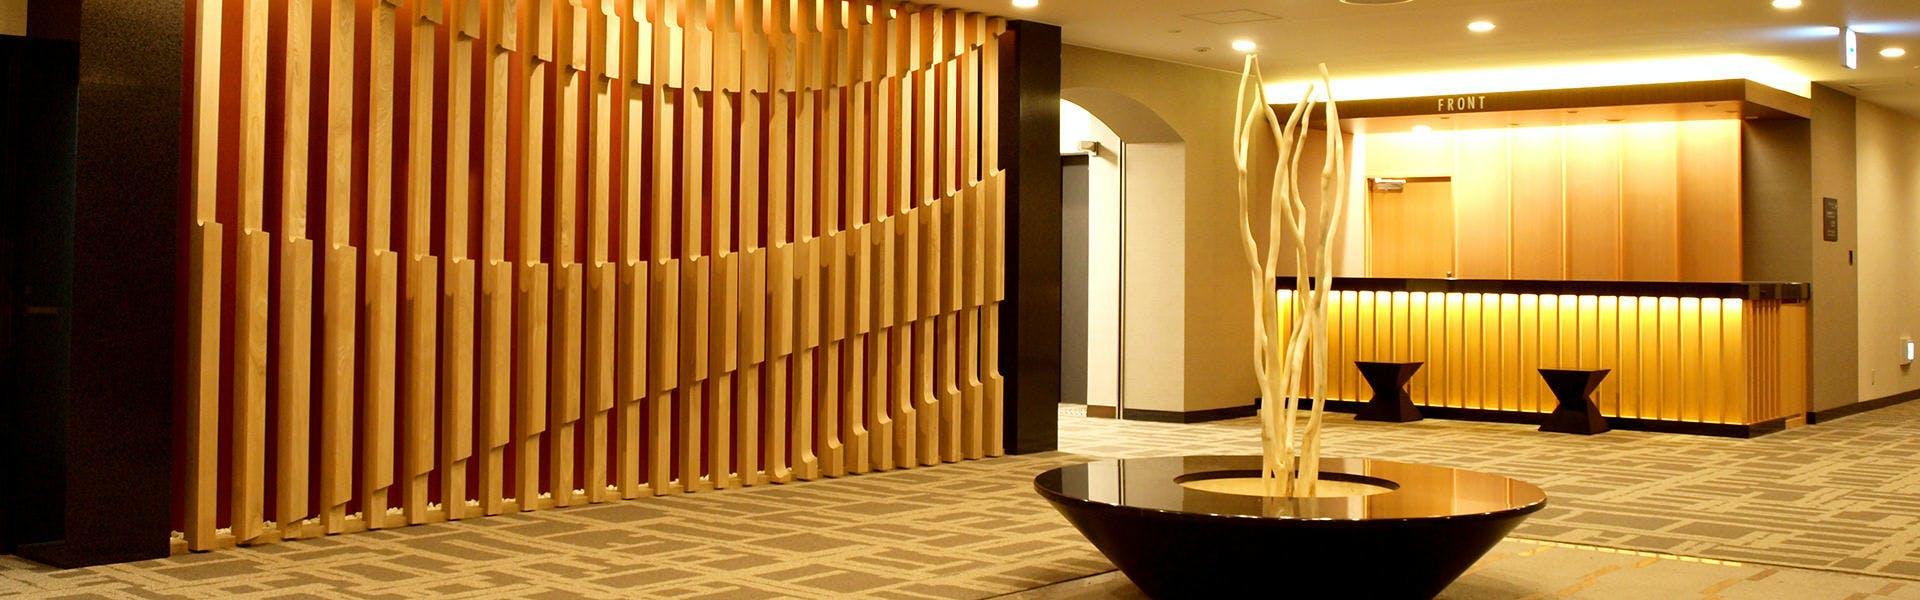 記念日におすすめのホテル・【ニセコ温泉郷 いこいの湯宿 いろは】の写真1